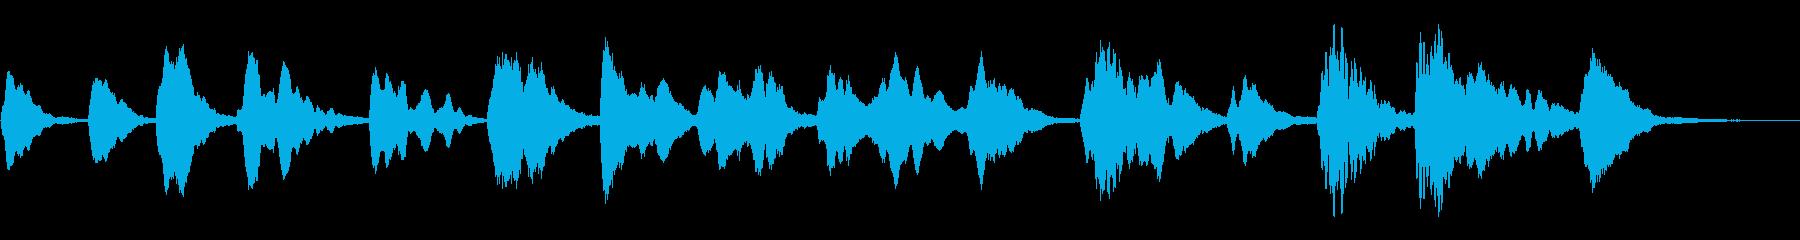 木琴による謎めいたアンビエントの再生済みの波形